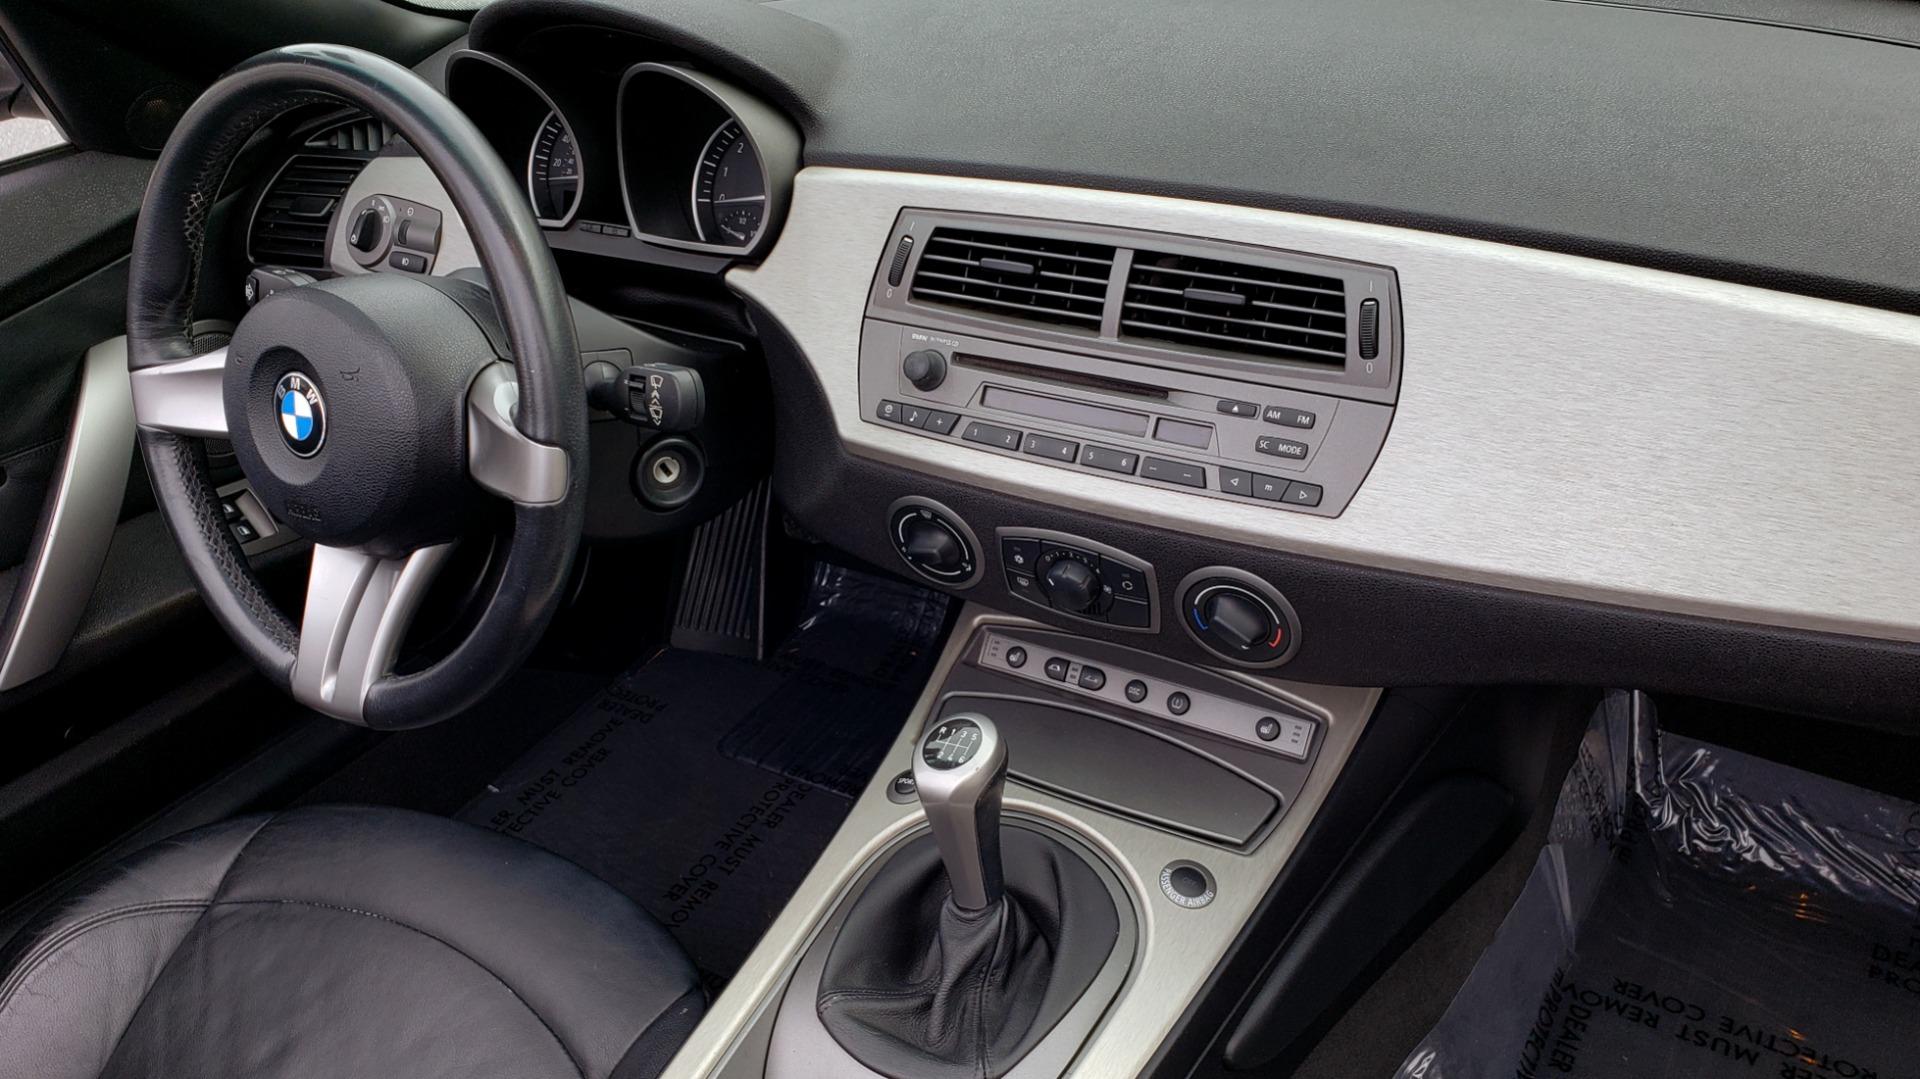 Used 2003 BMW Z4 3.0i ROADSTER / 6-SPD MAN / PREMIUM PKG / SPORT PKG / HTD STS for sale Sold at Formula Imports in Charlotte NC 28227 49